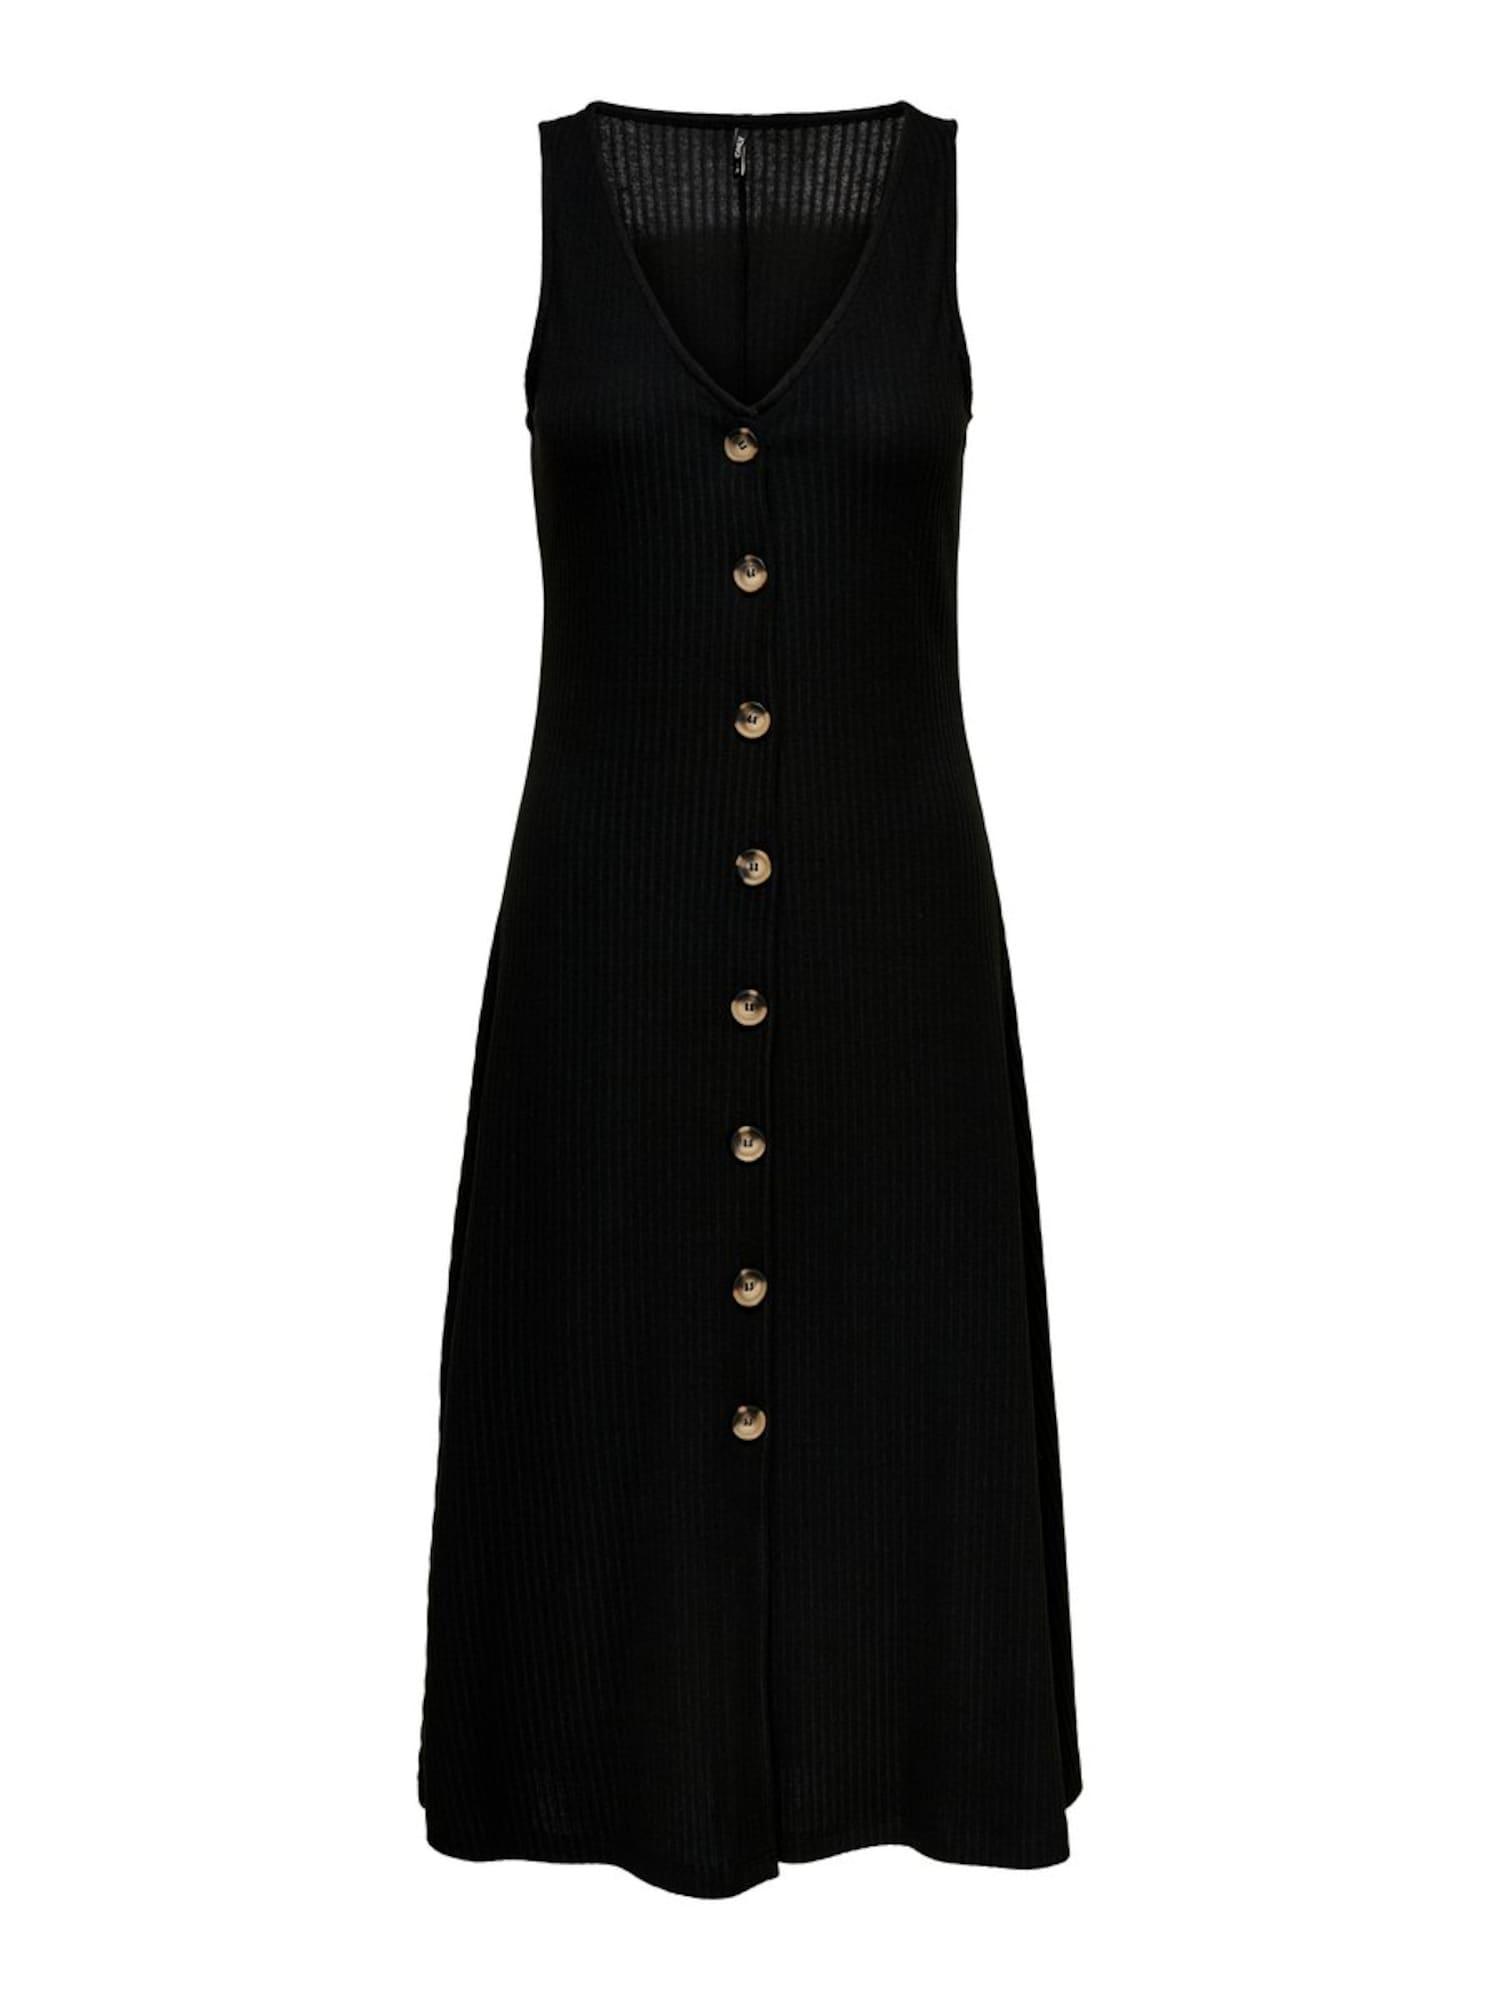 ONLY Kleid schwarz - Schwarzes Kleid